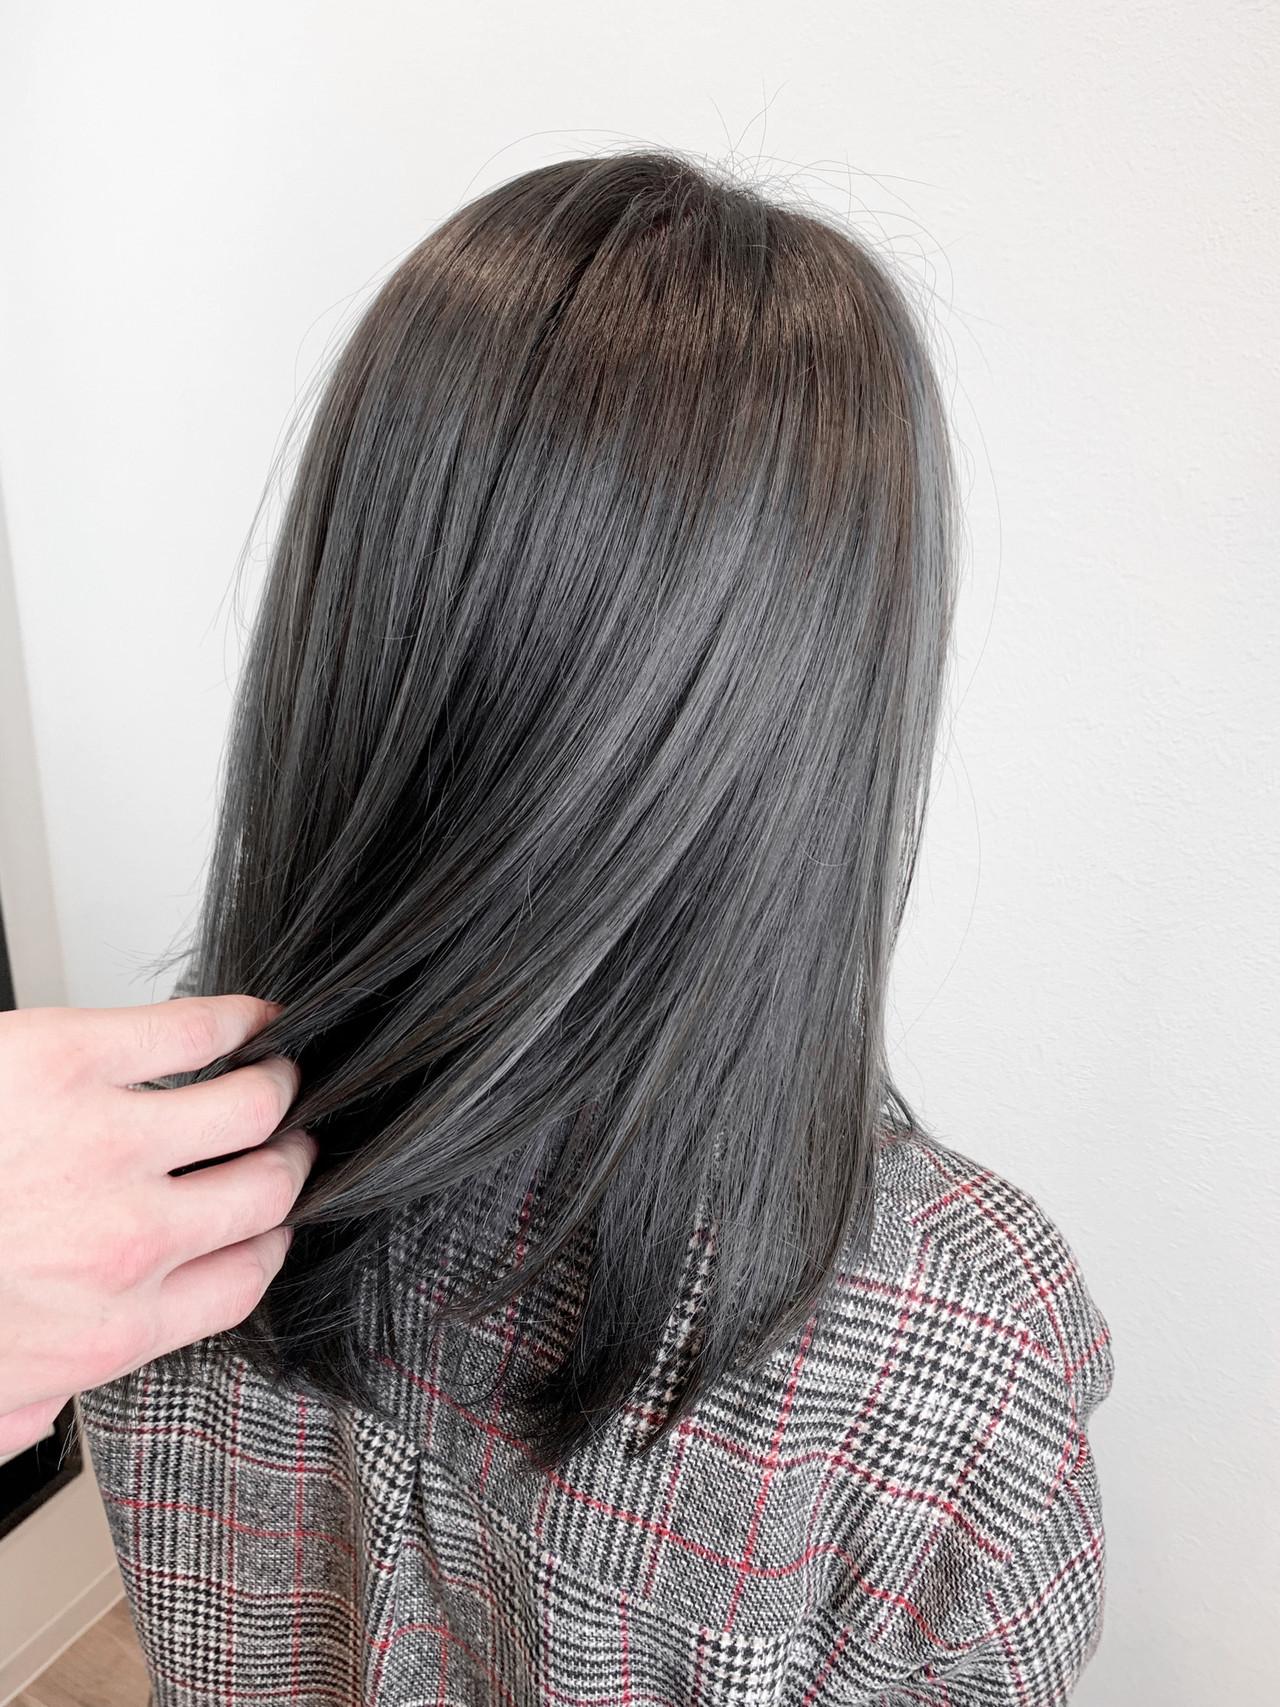 3Dカラー ミディアム ハイライト 上品 ヘアスタイルや髪型の写真・画像